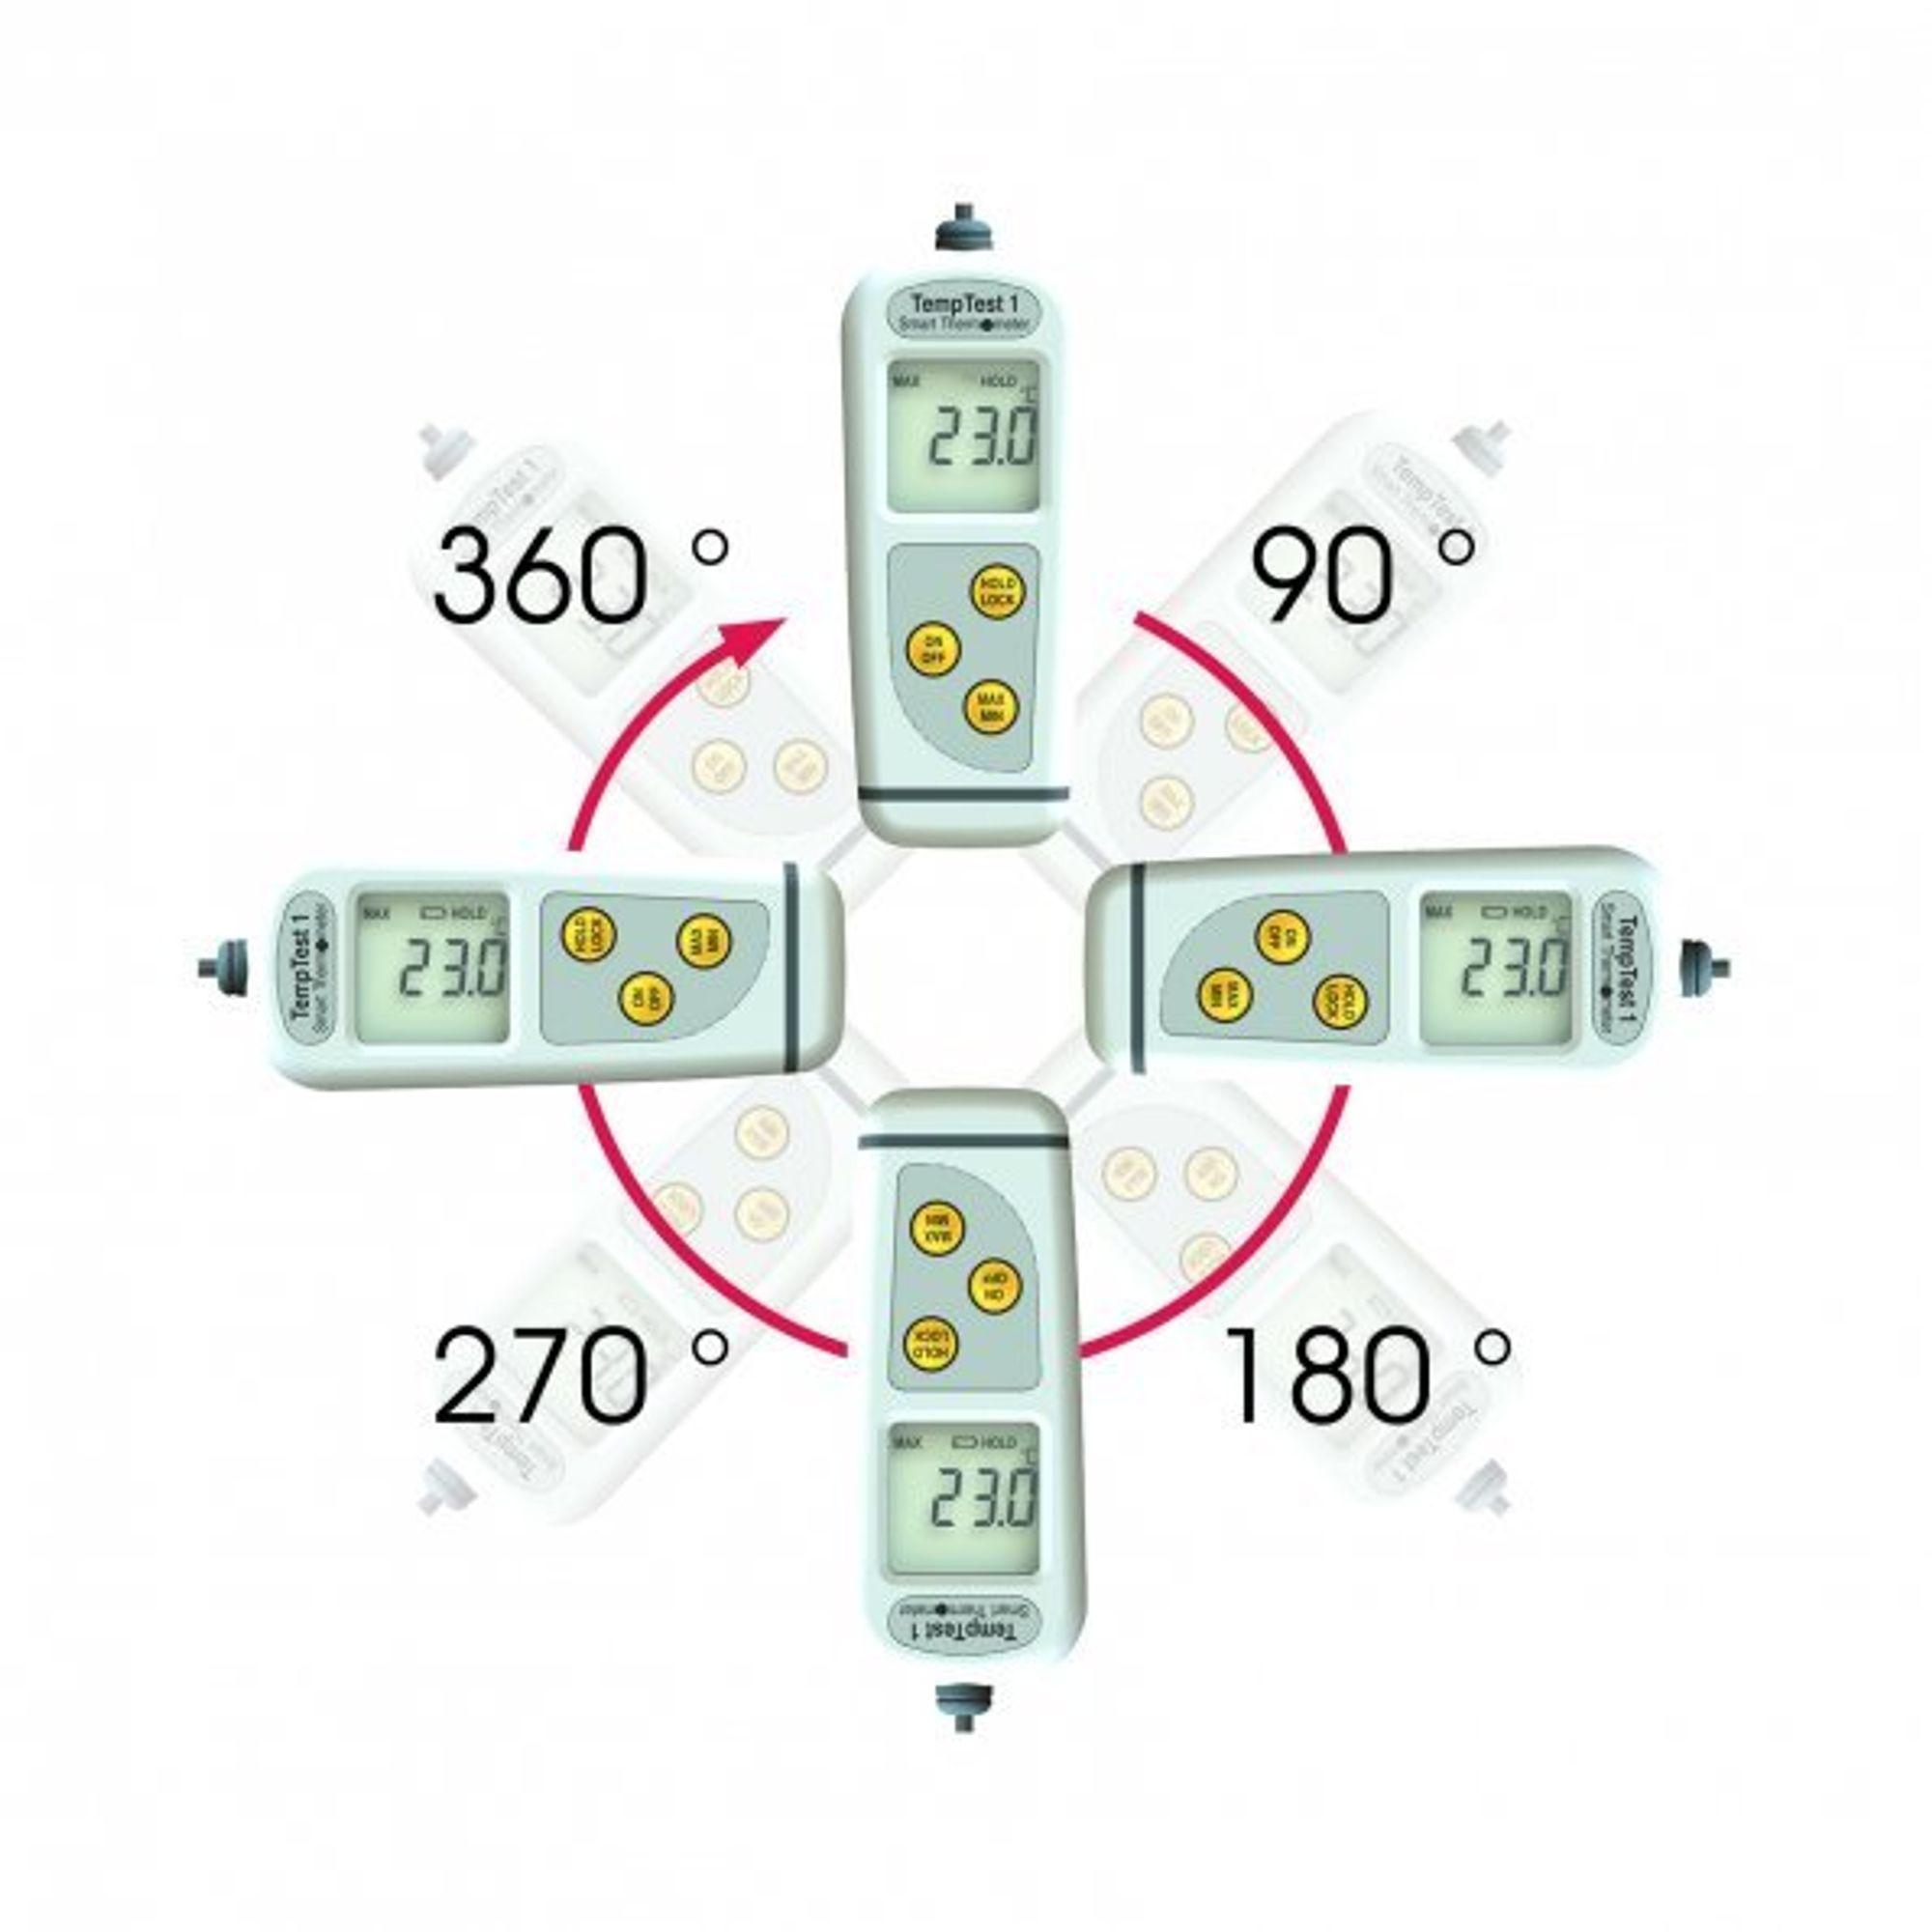 Termometer som roterer displayet avhengig av posisjon.